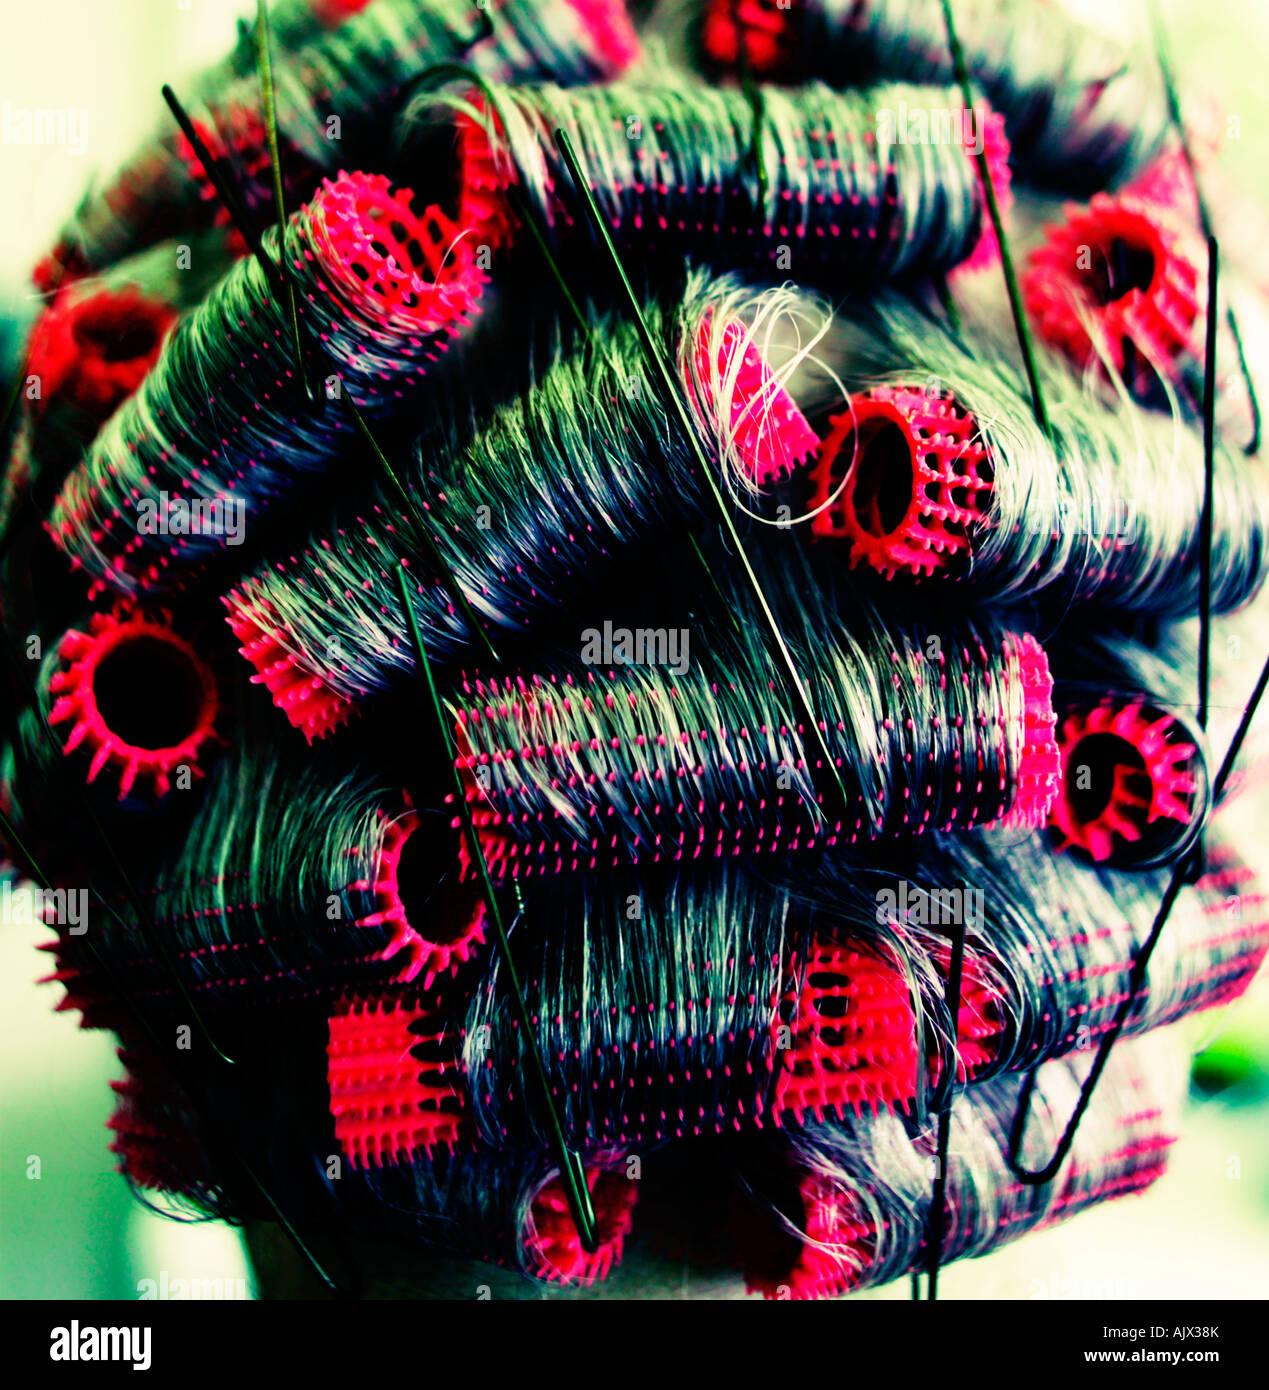 Resumen de rulos en la peluquería Imagen De Stock